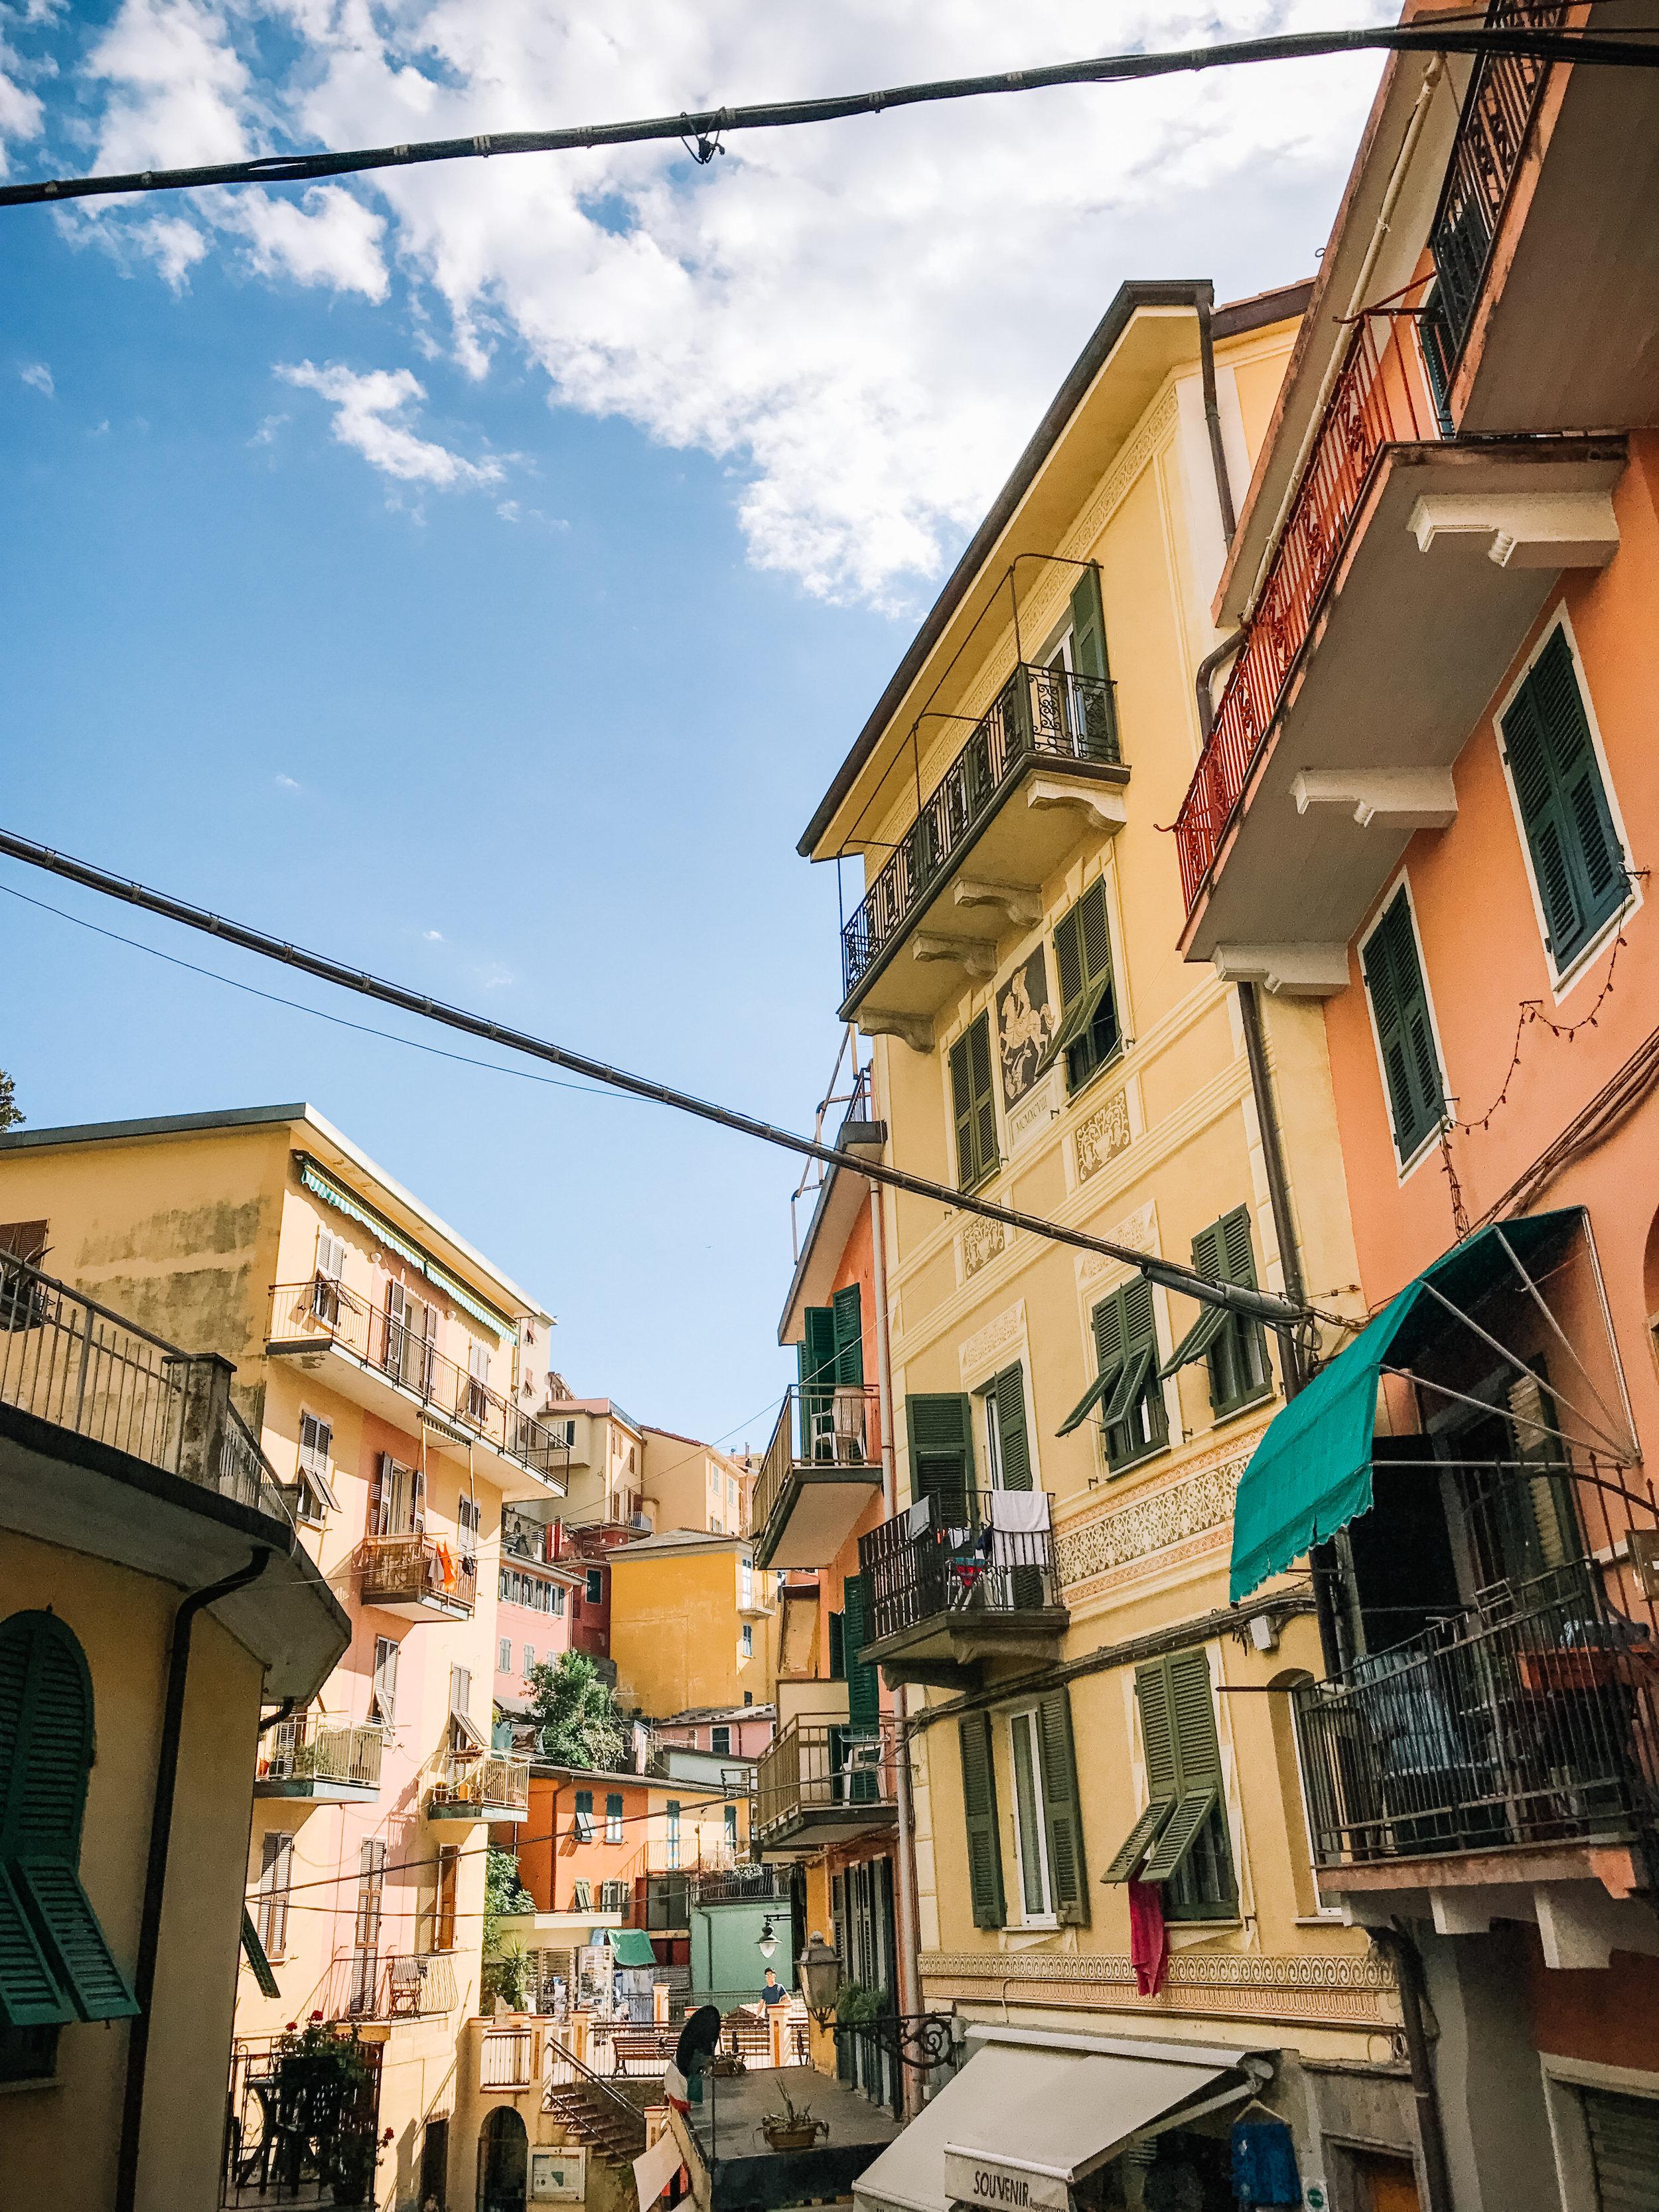 Italy-Cinque Terre-5.jpg